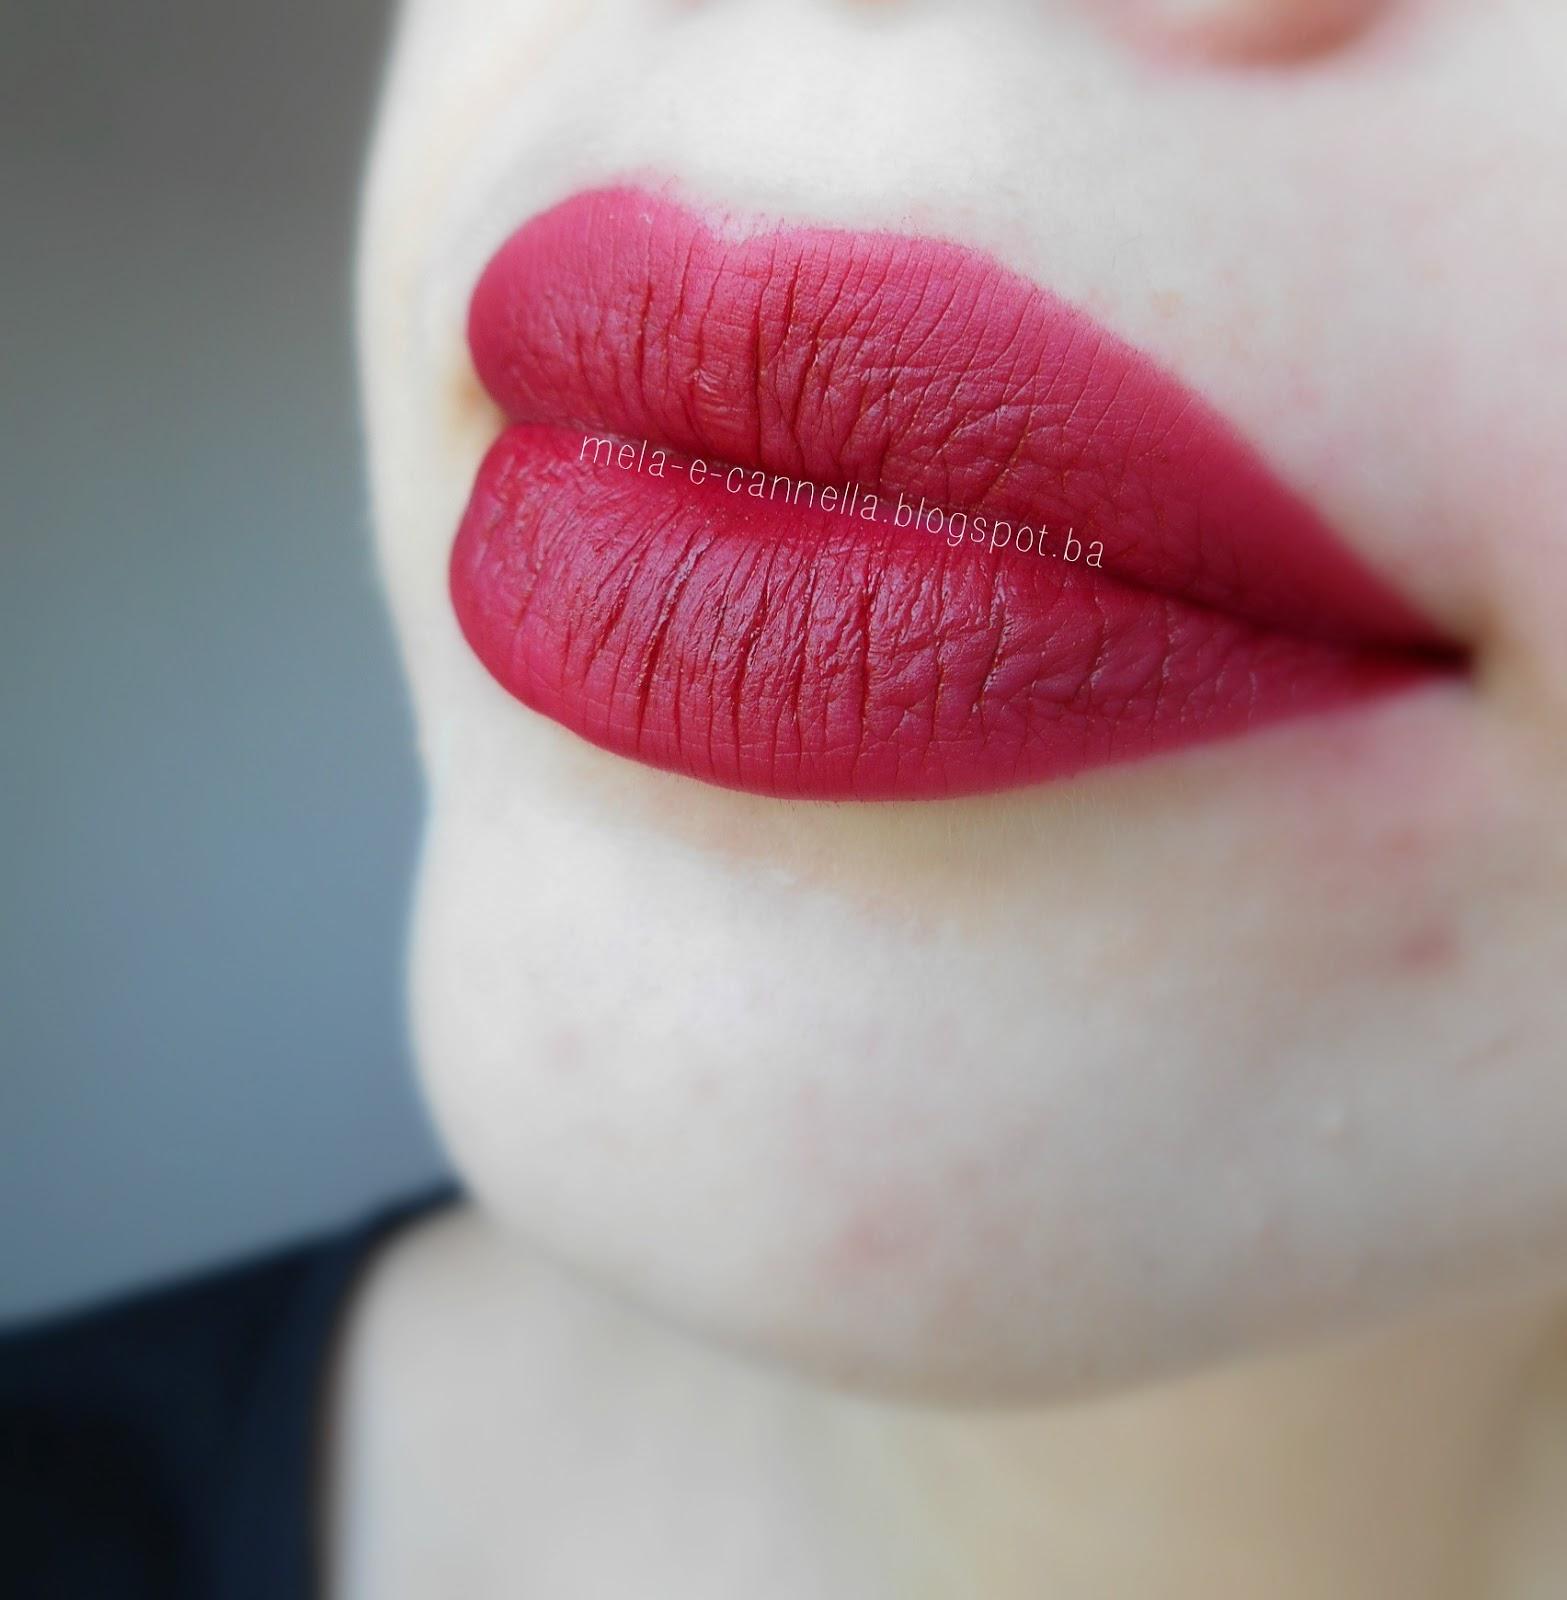 Matte Lipstick Maroon Colour